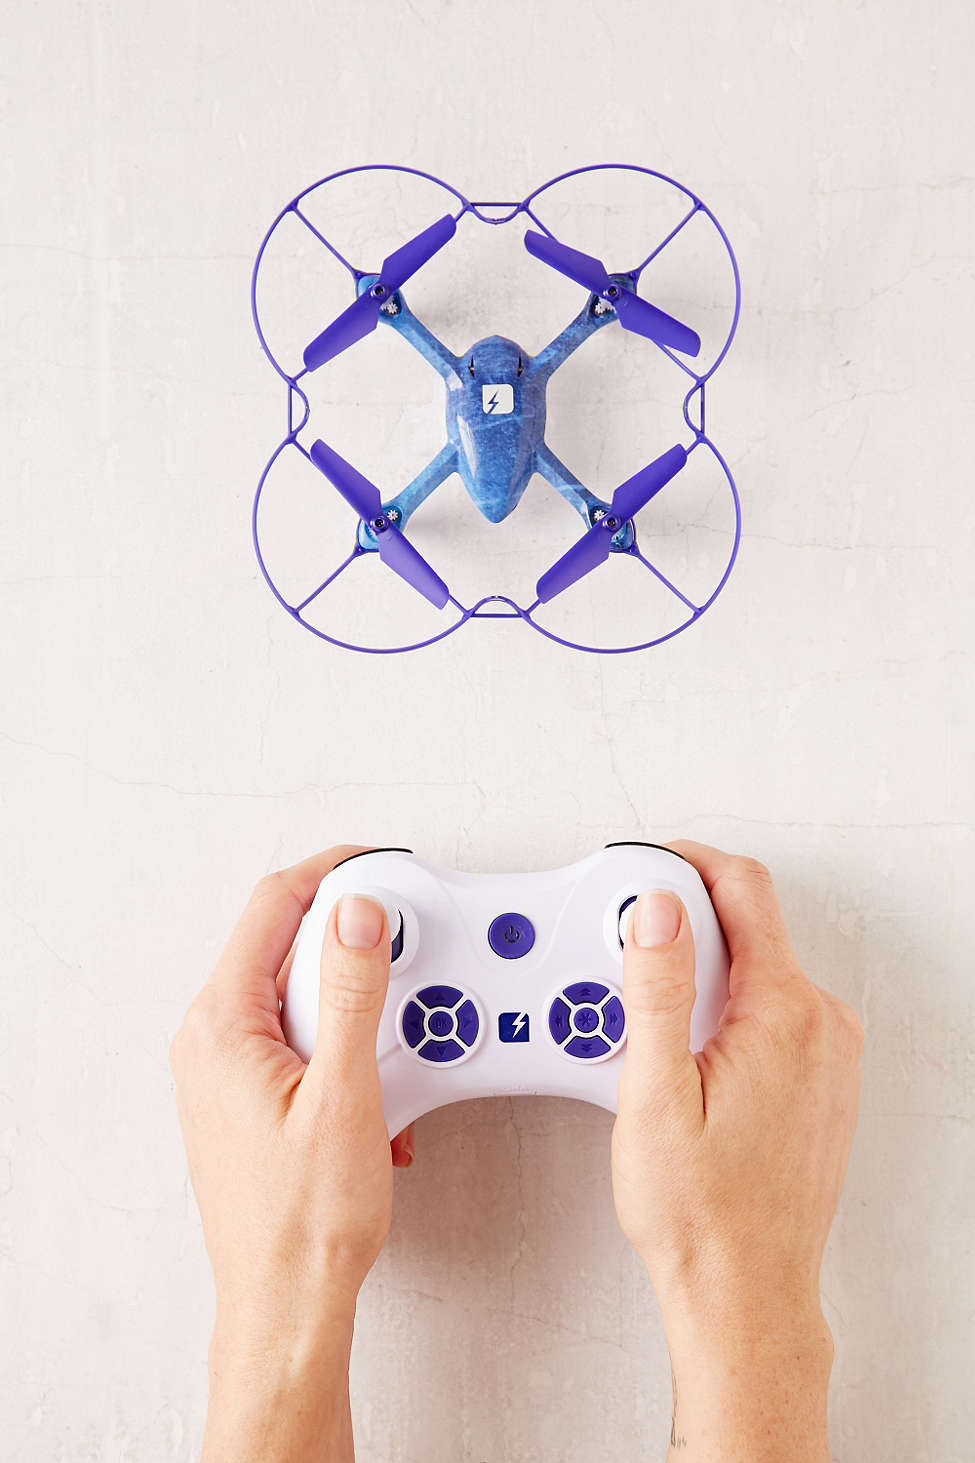 TRNDlabs Skeye Mini Drone $60